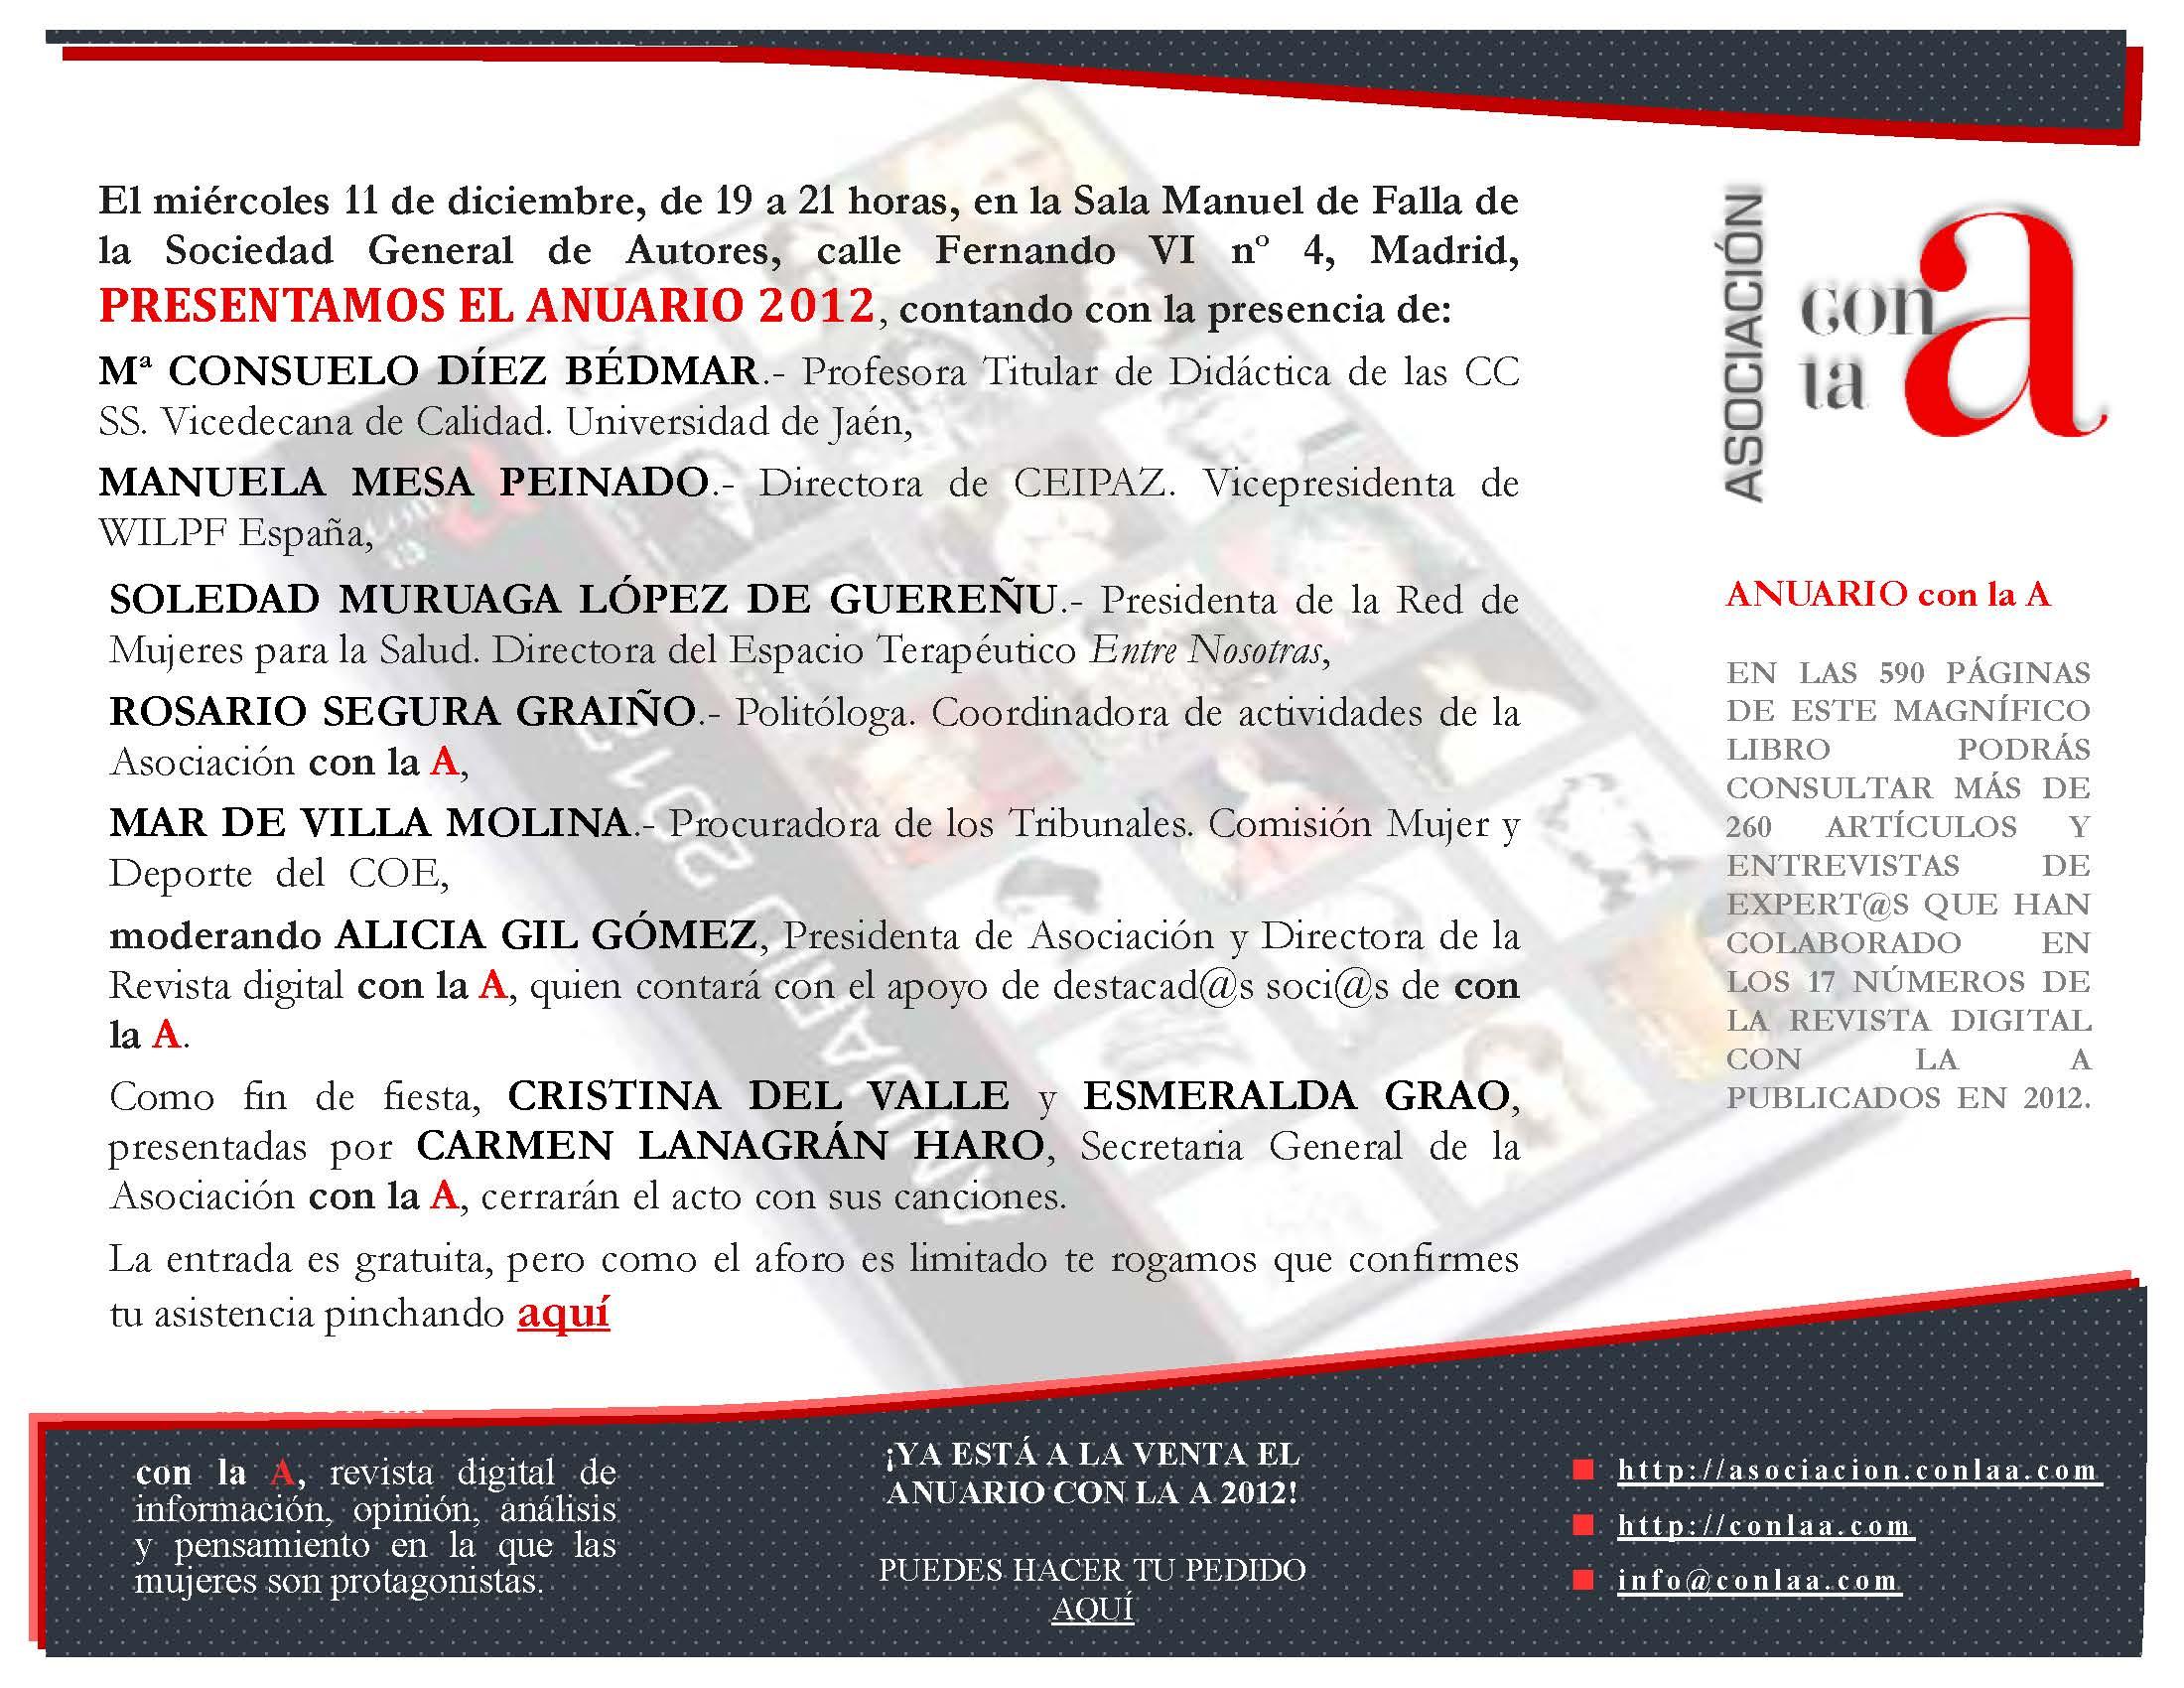 presentacion_anuario_2012_con_la_a.jpg